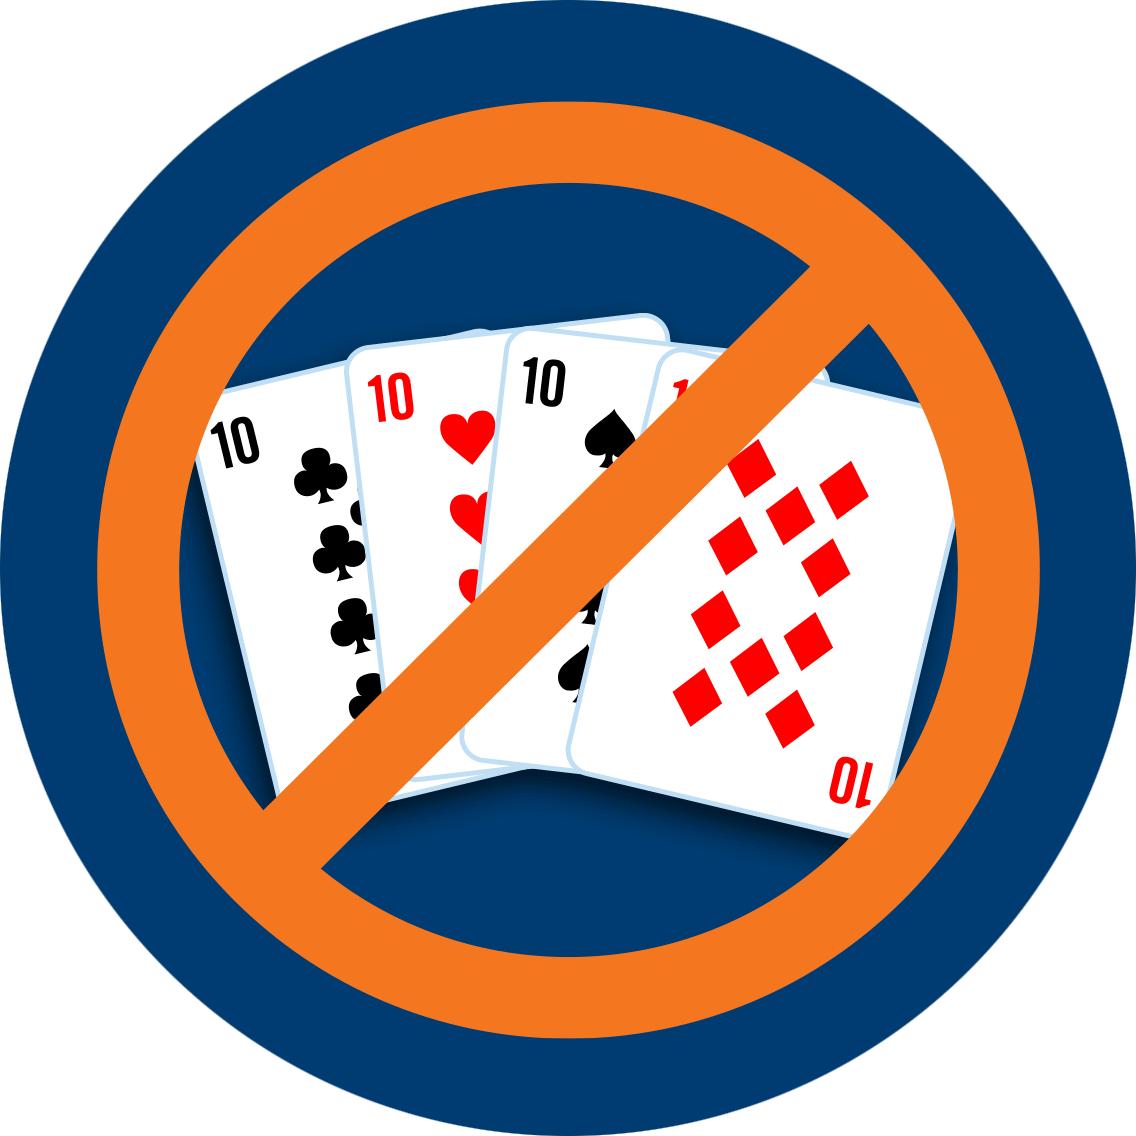 4張牌分別為梅花10、紅心10、黑桃10和方塊10,以國際禁止標誌被劃去。